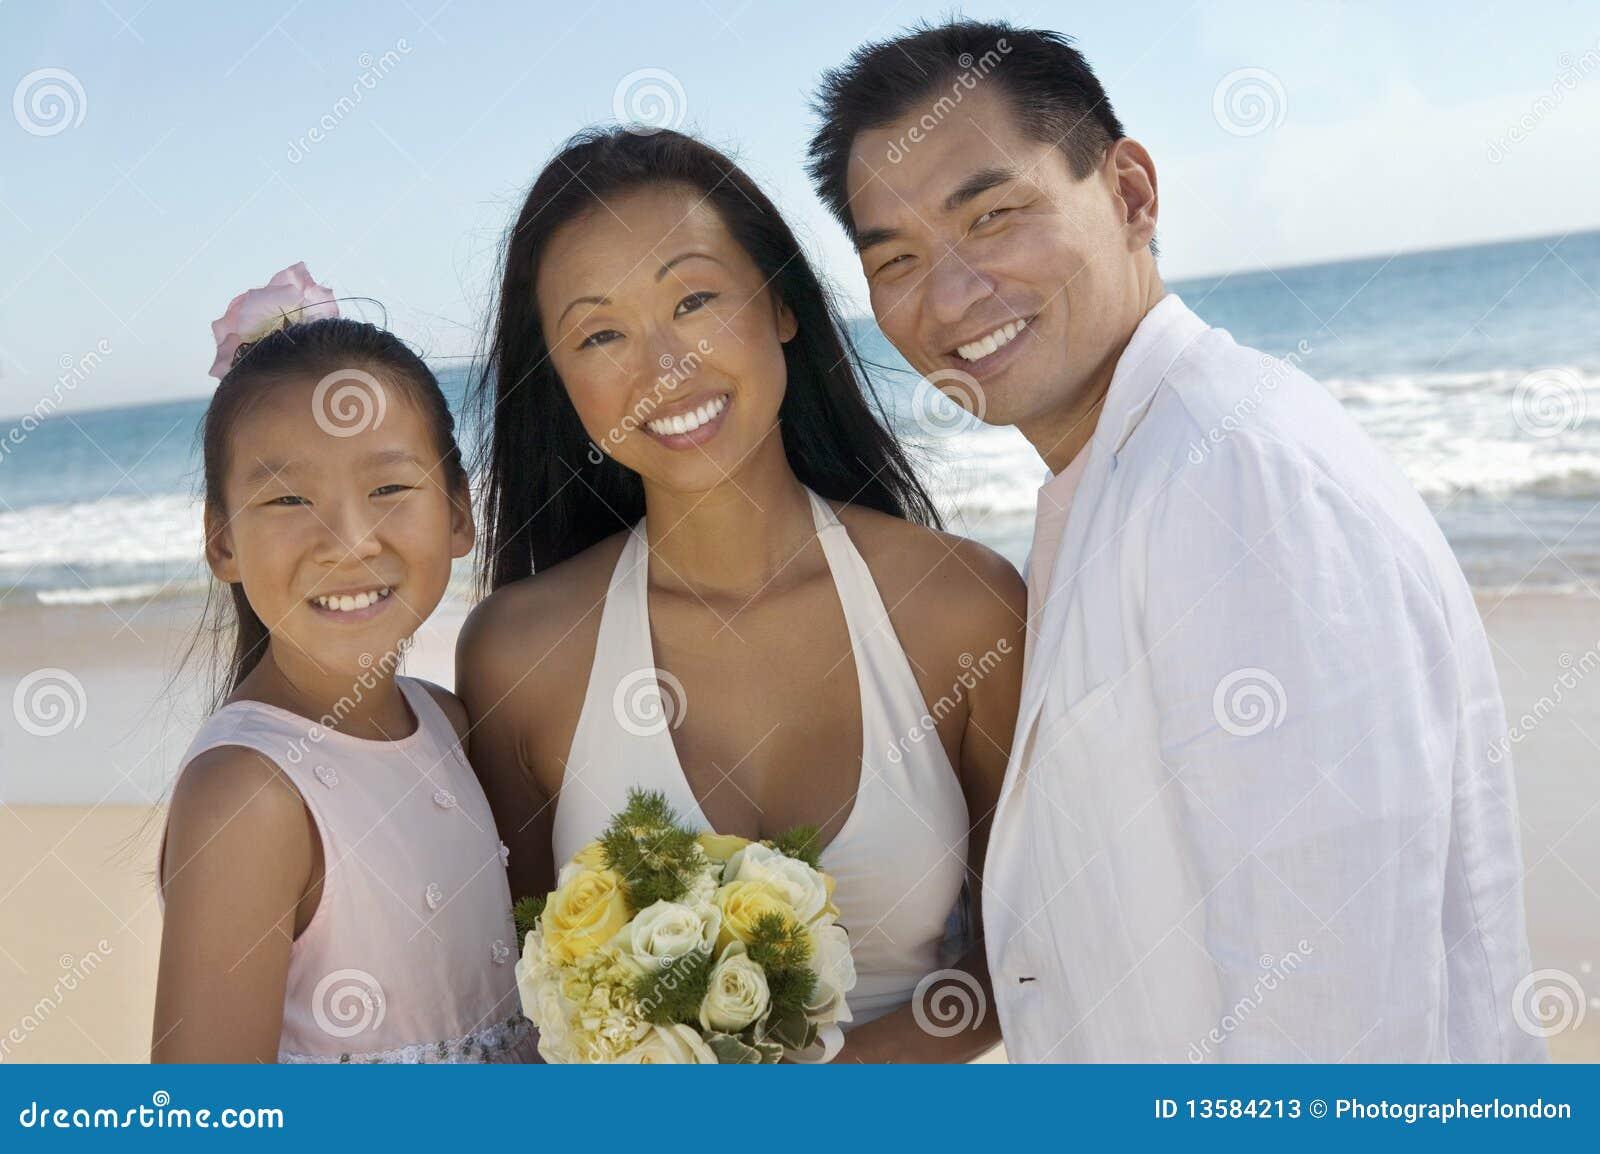 Braut und Bräutigam mit Schwester auf Strand